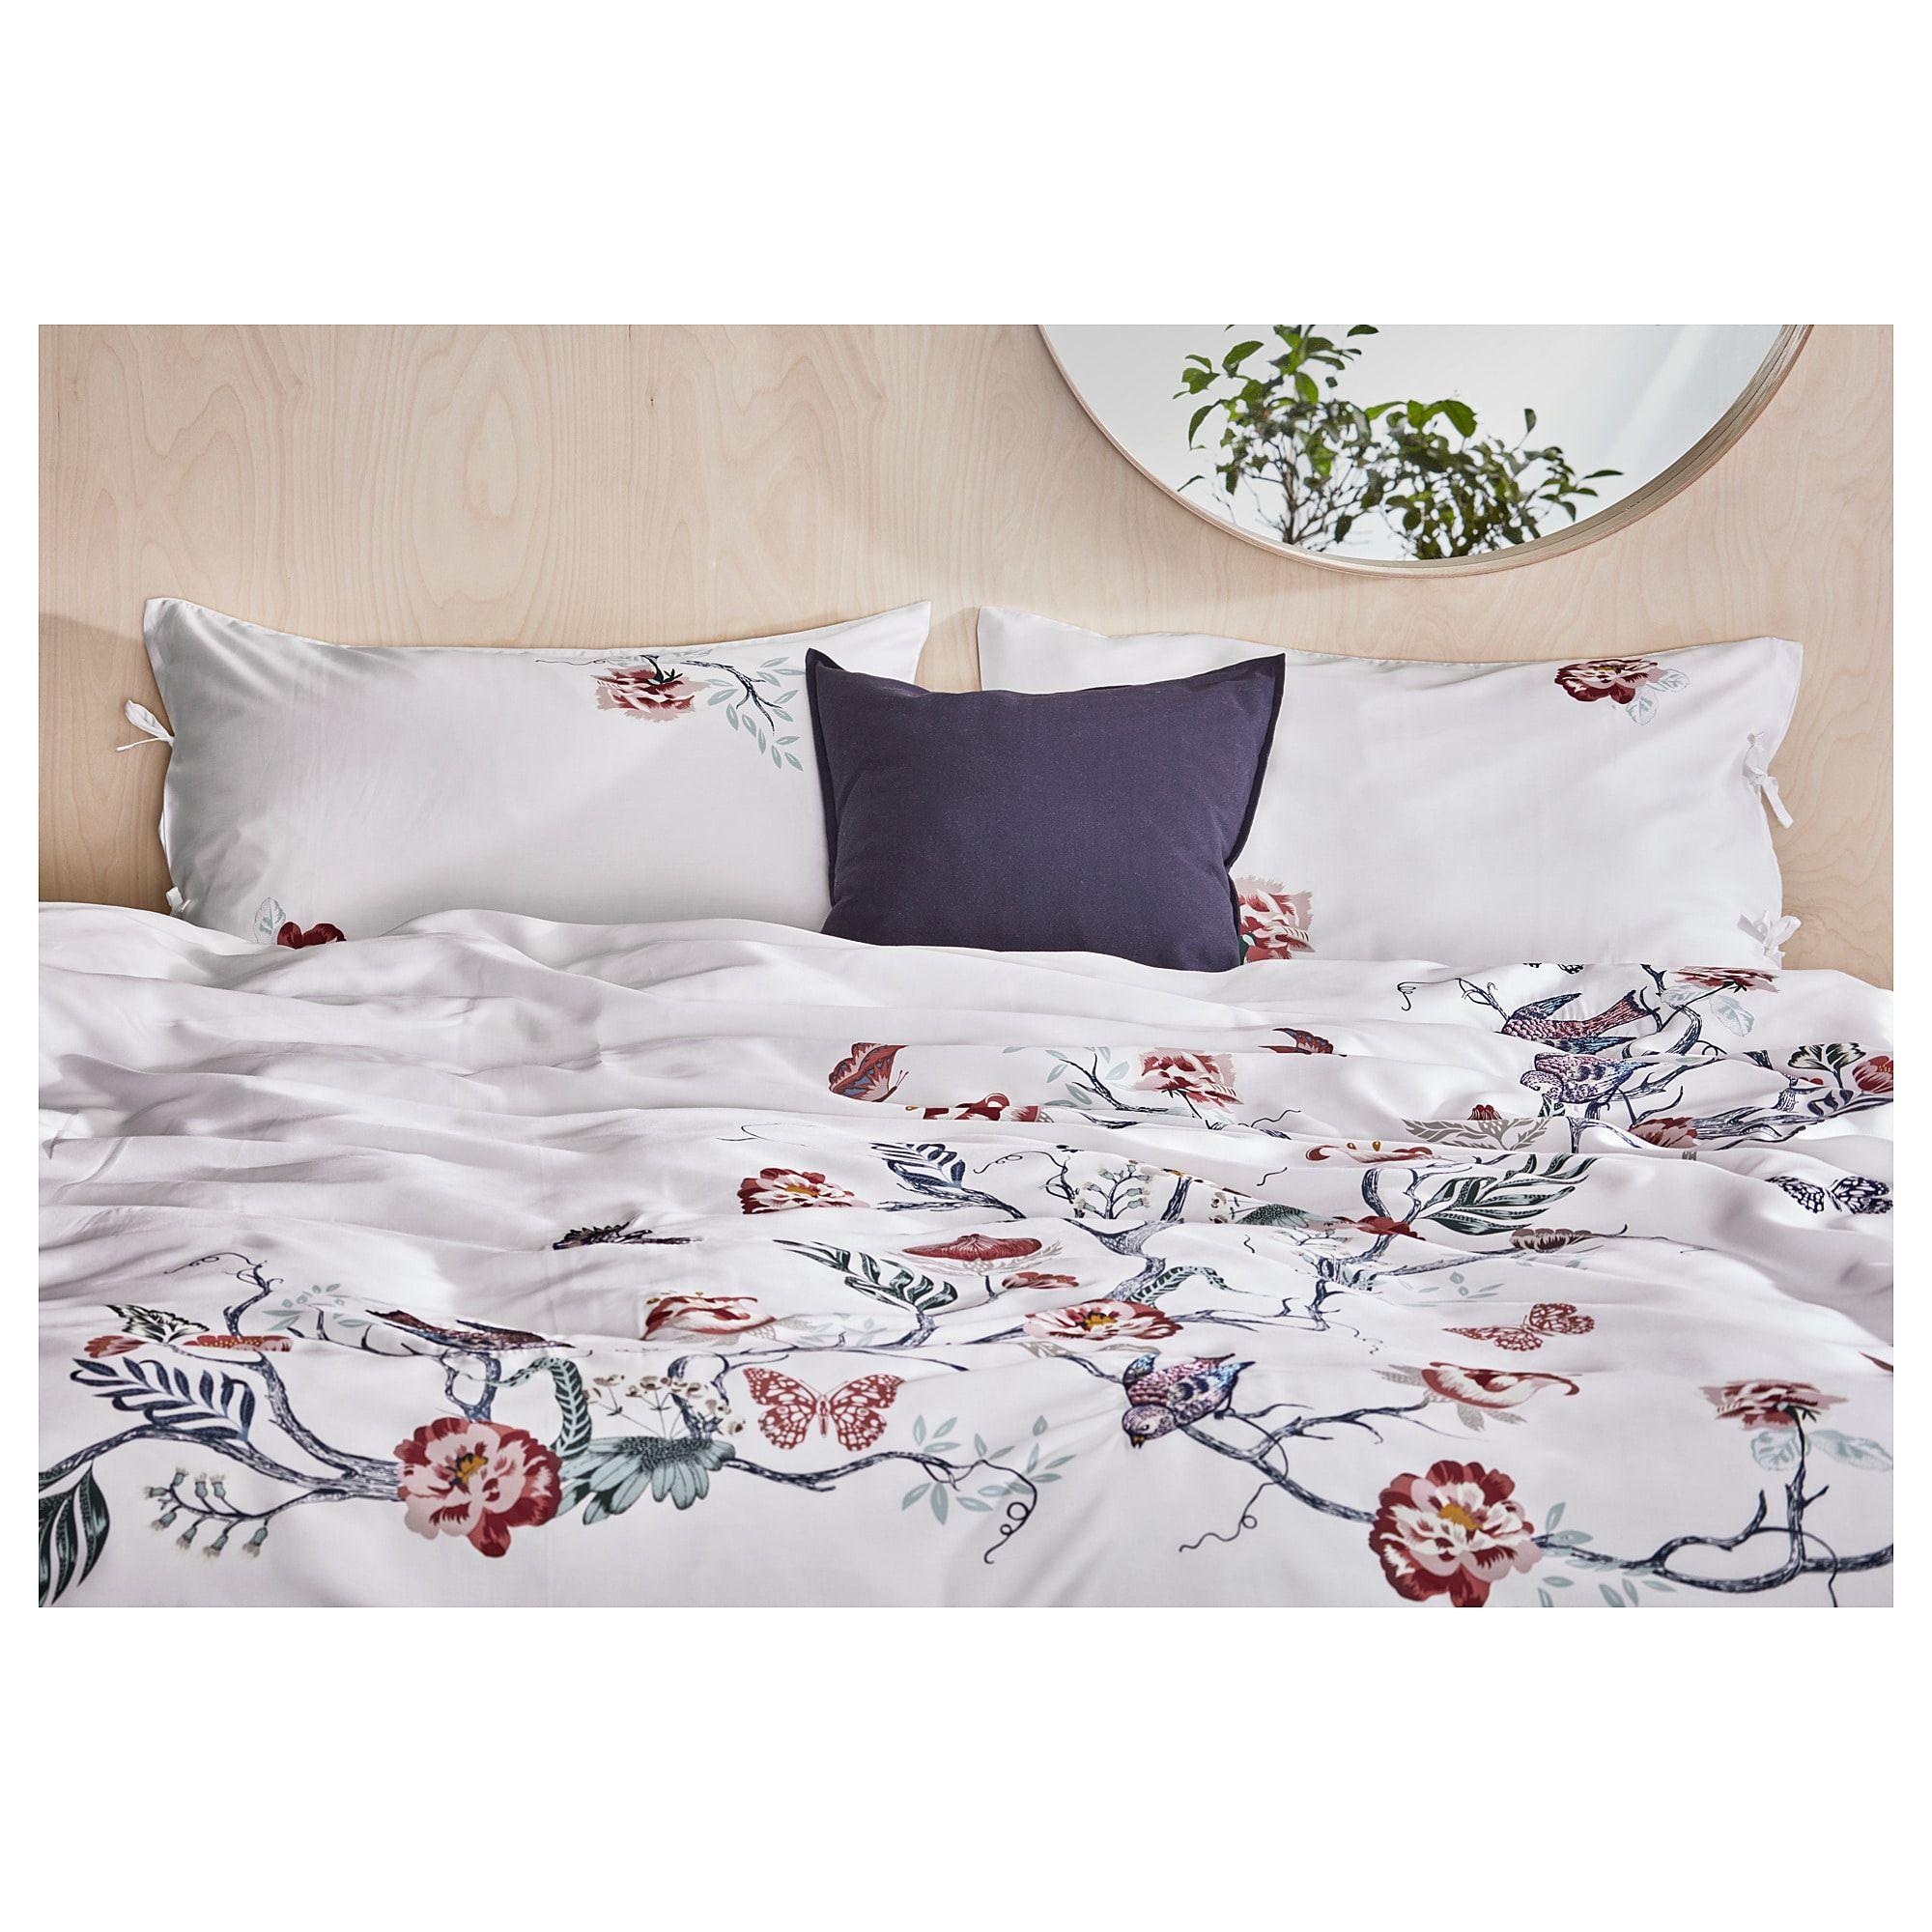 Jattelilja Duvet Cover And Pillowcase S White Floral Patterned